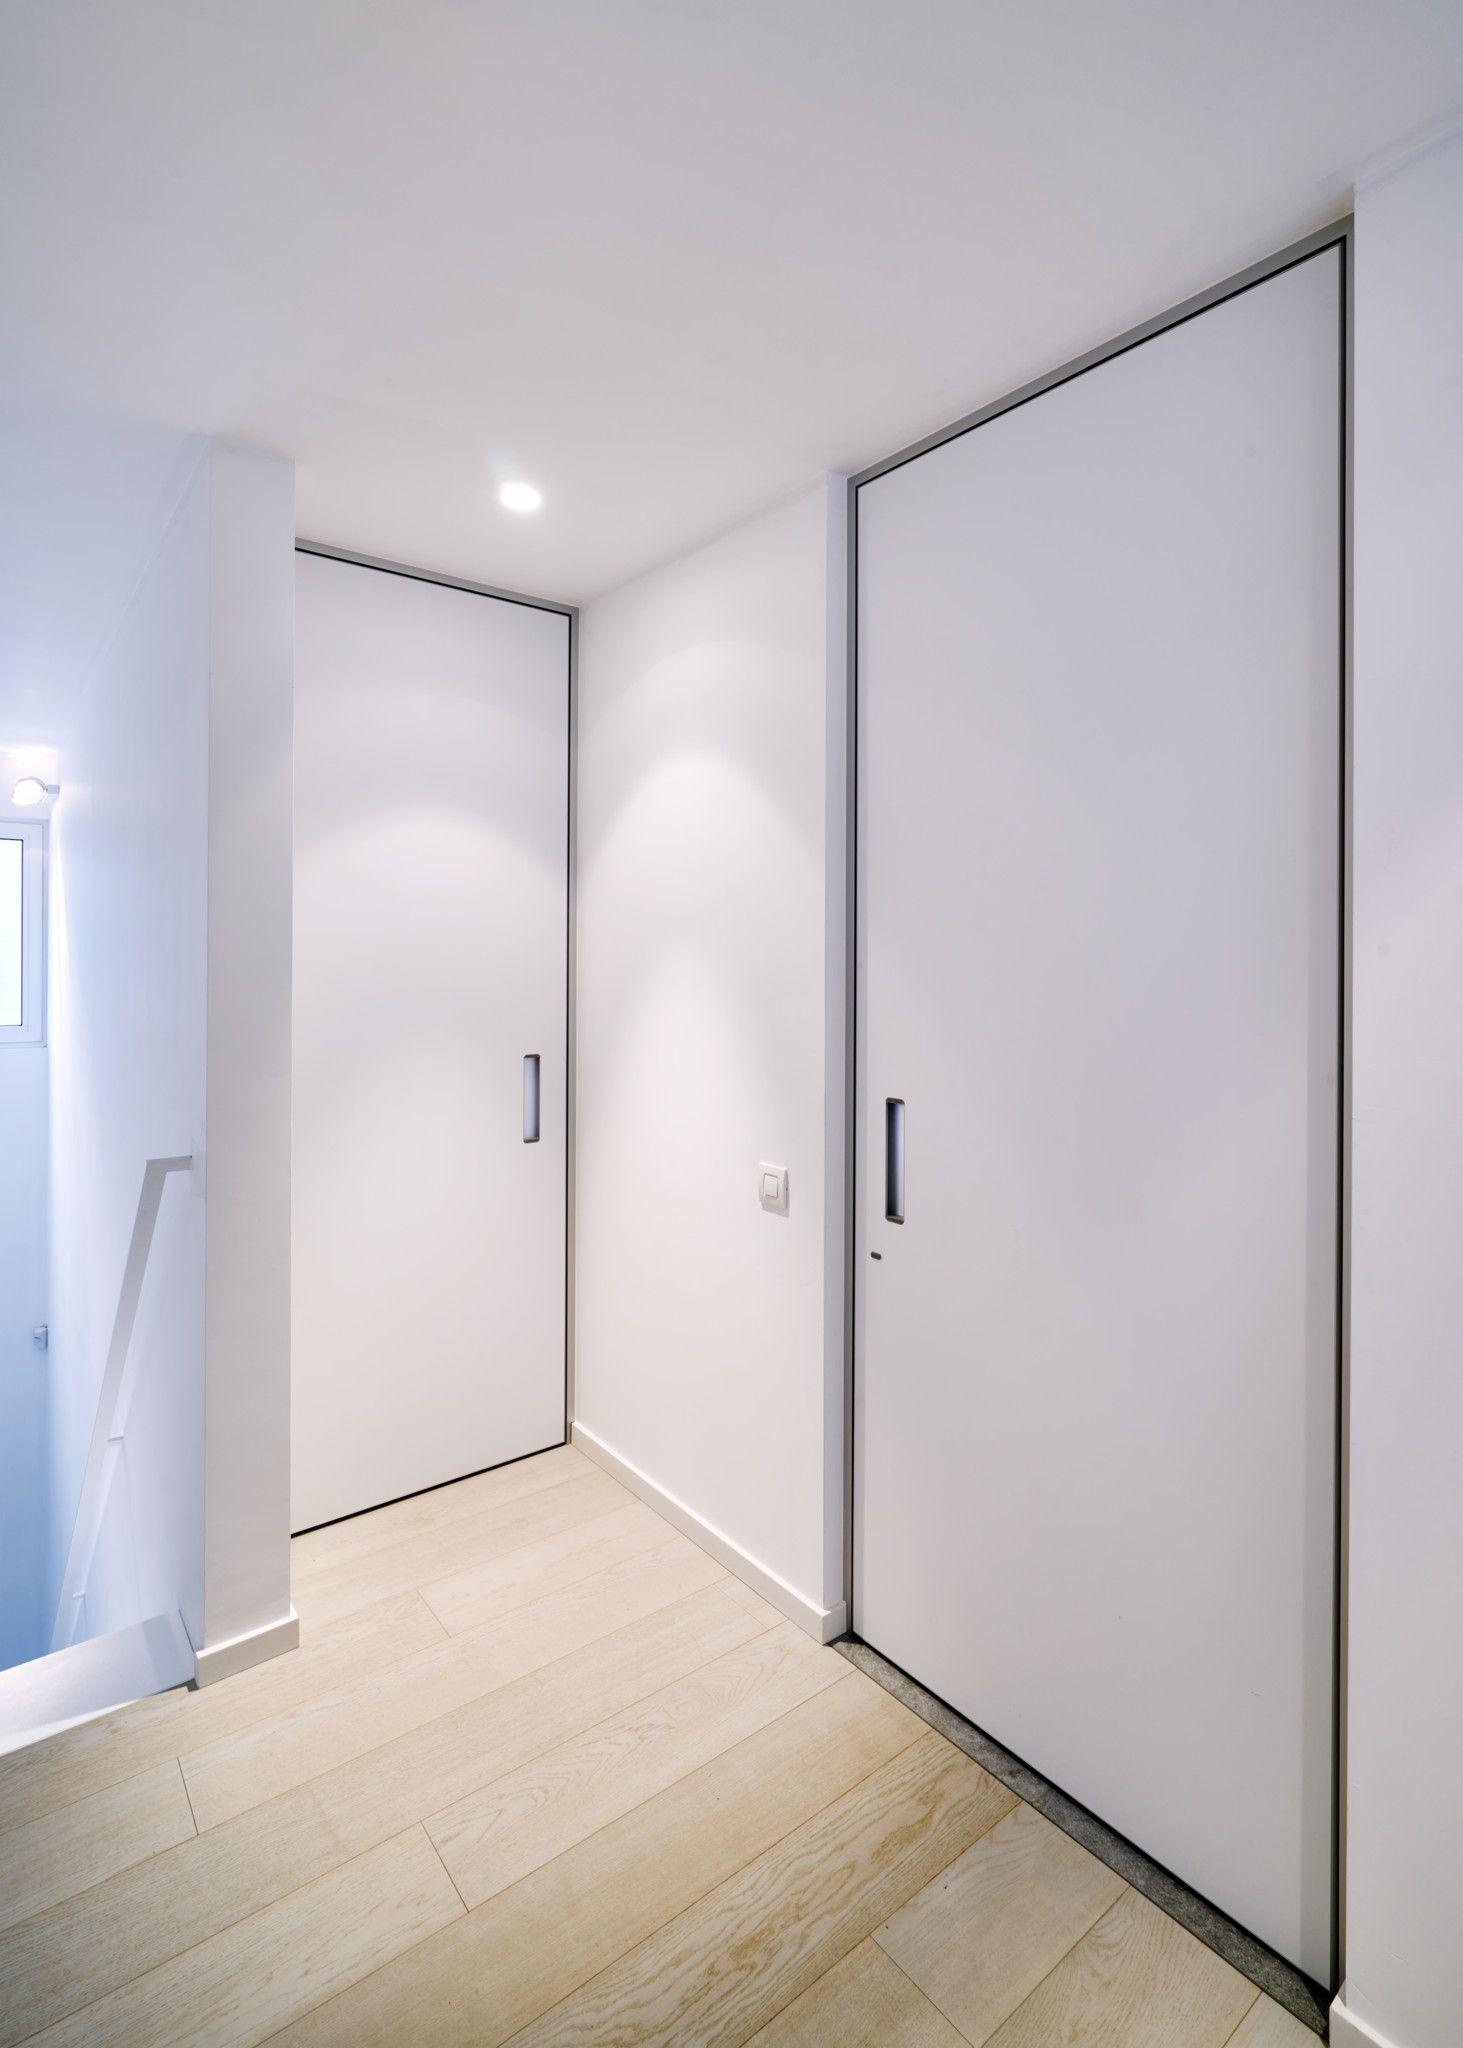 Kamerhoge Deuren Van Anyway Doors Met Een Strakke Aluminium Blokomlijsting